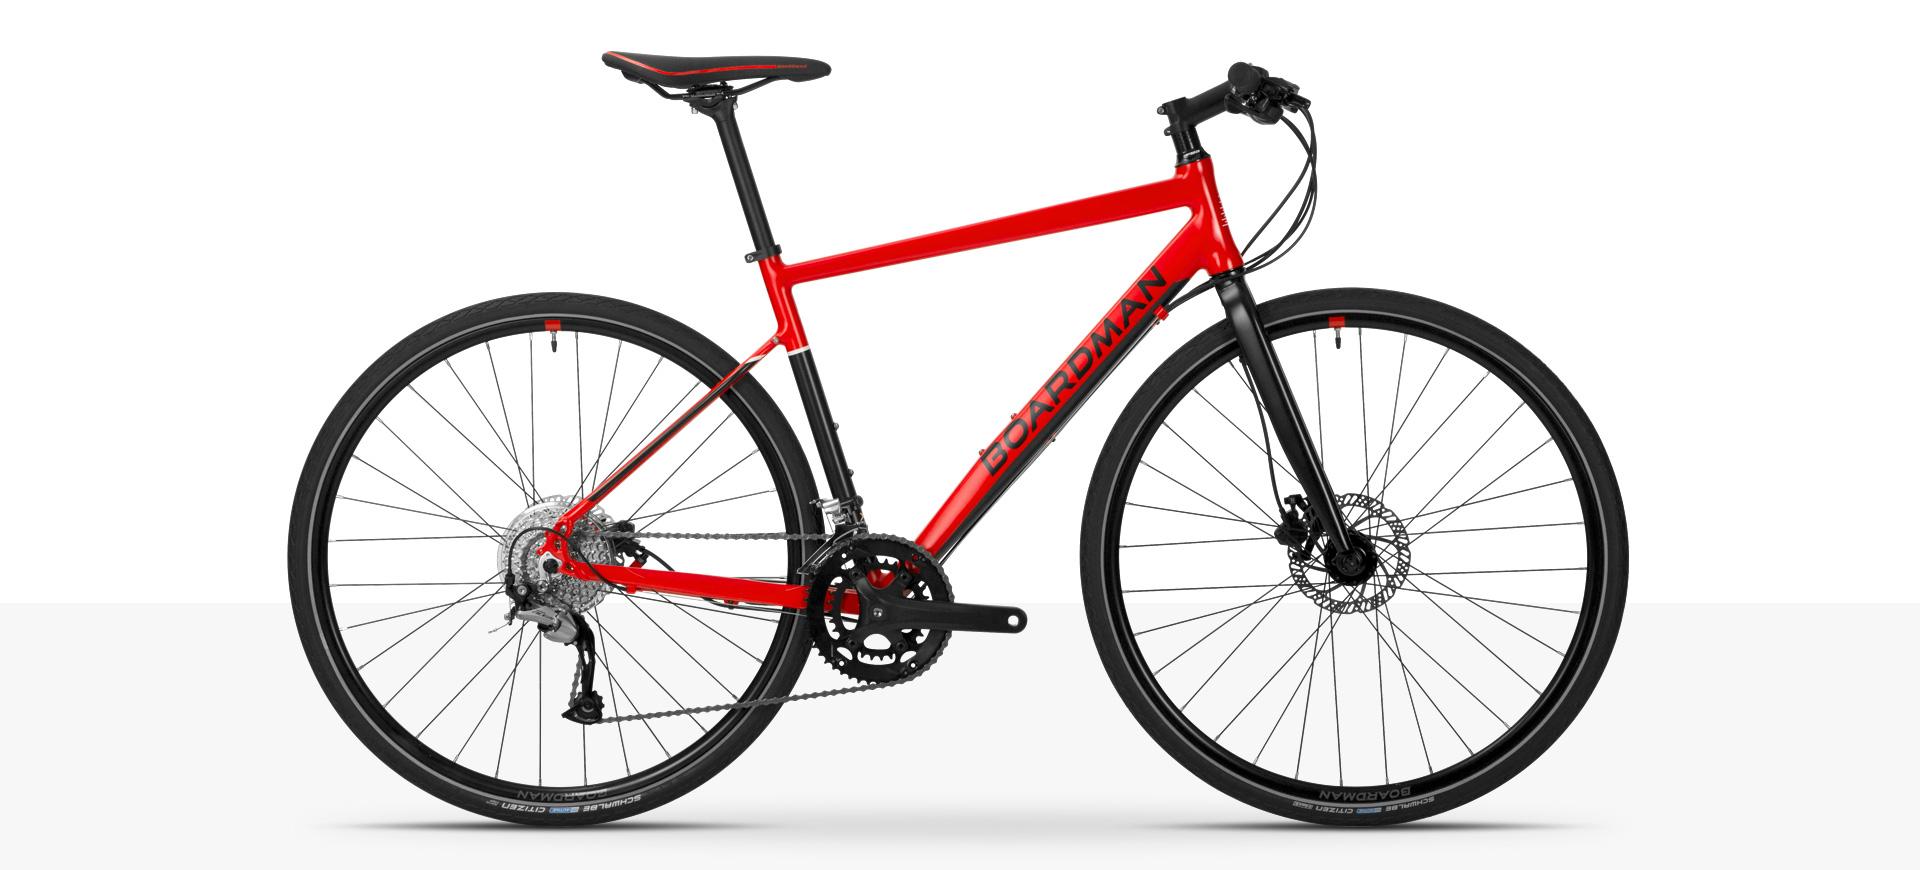 Boardman HYB 8.6 Hybrid Bike in Red